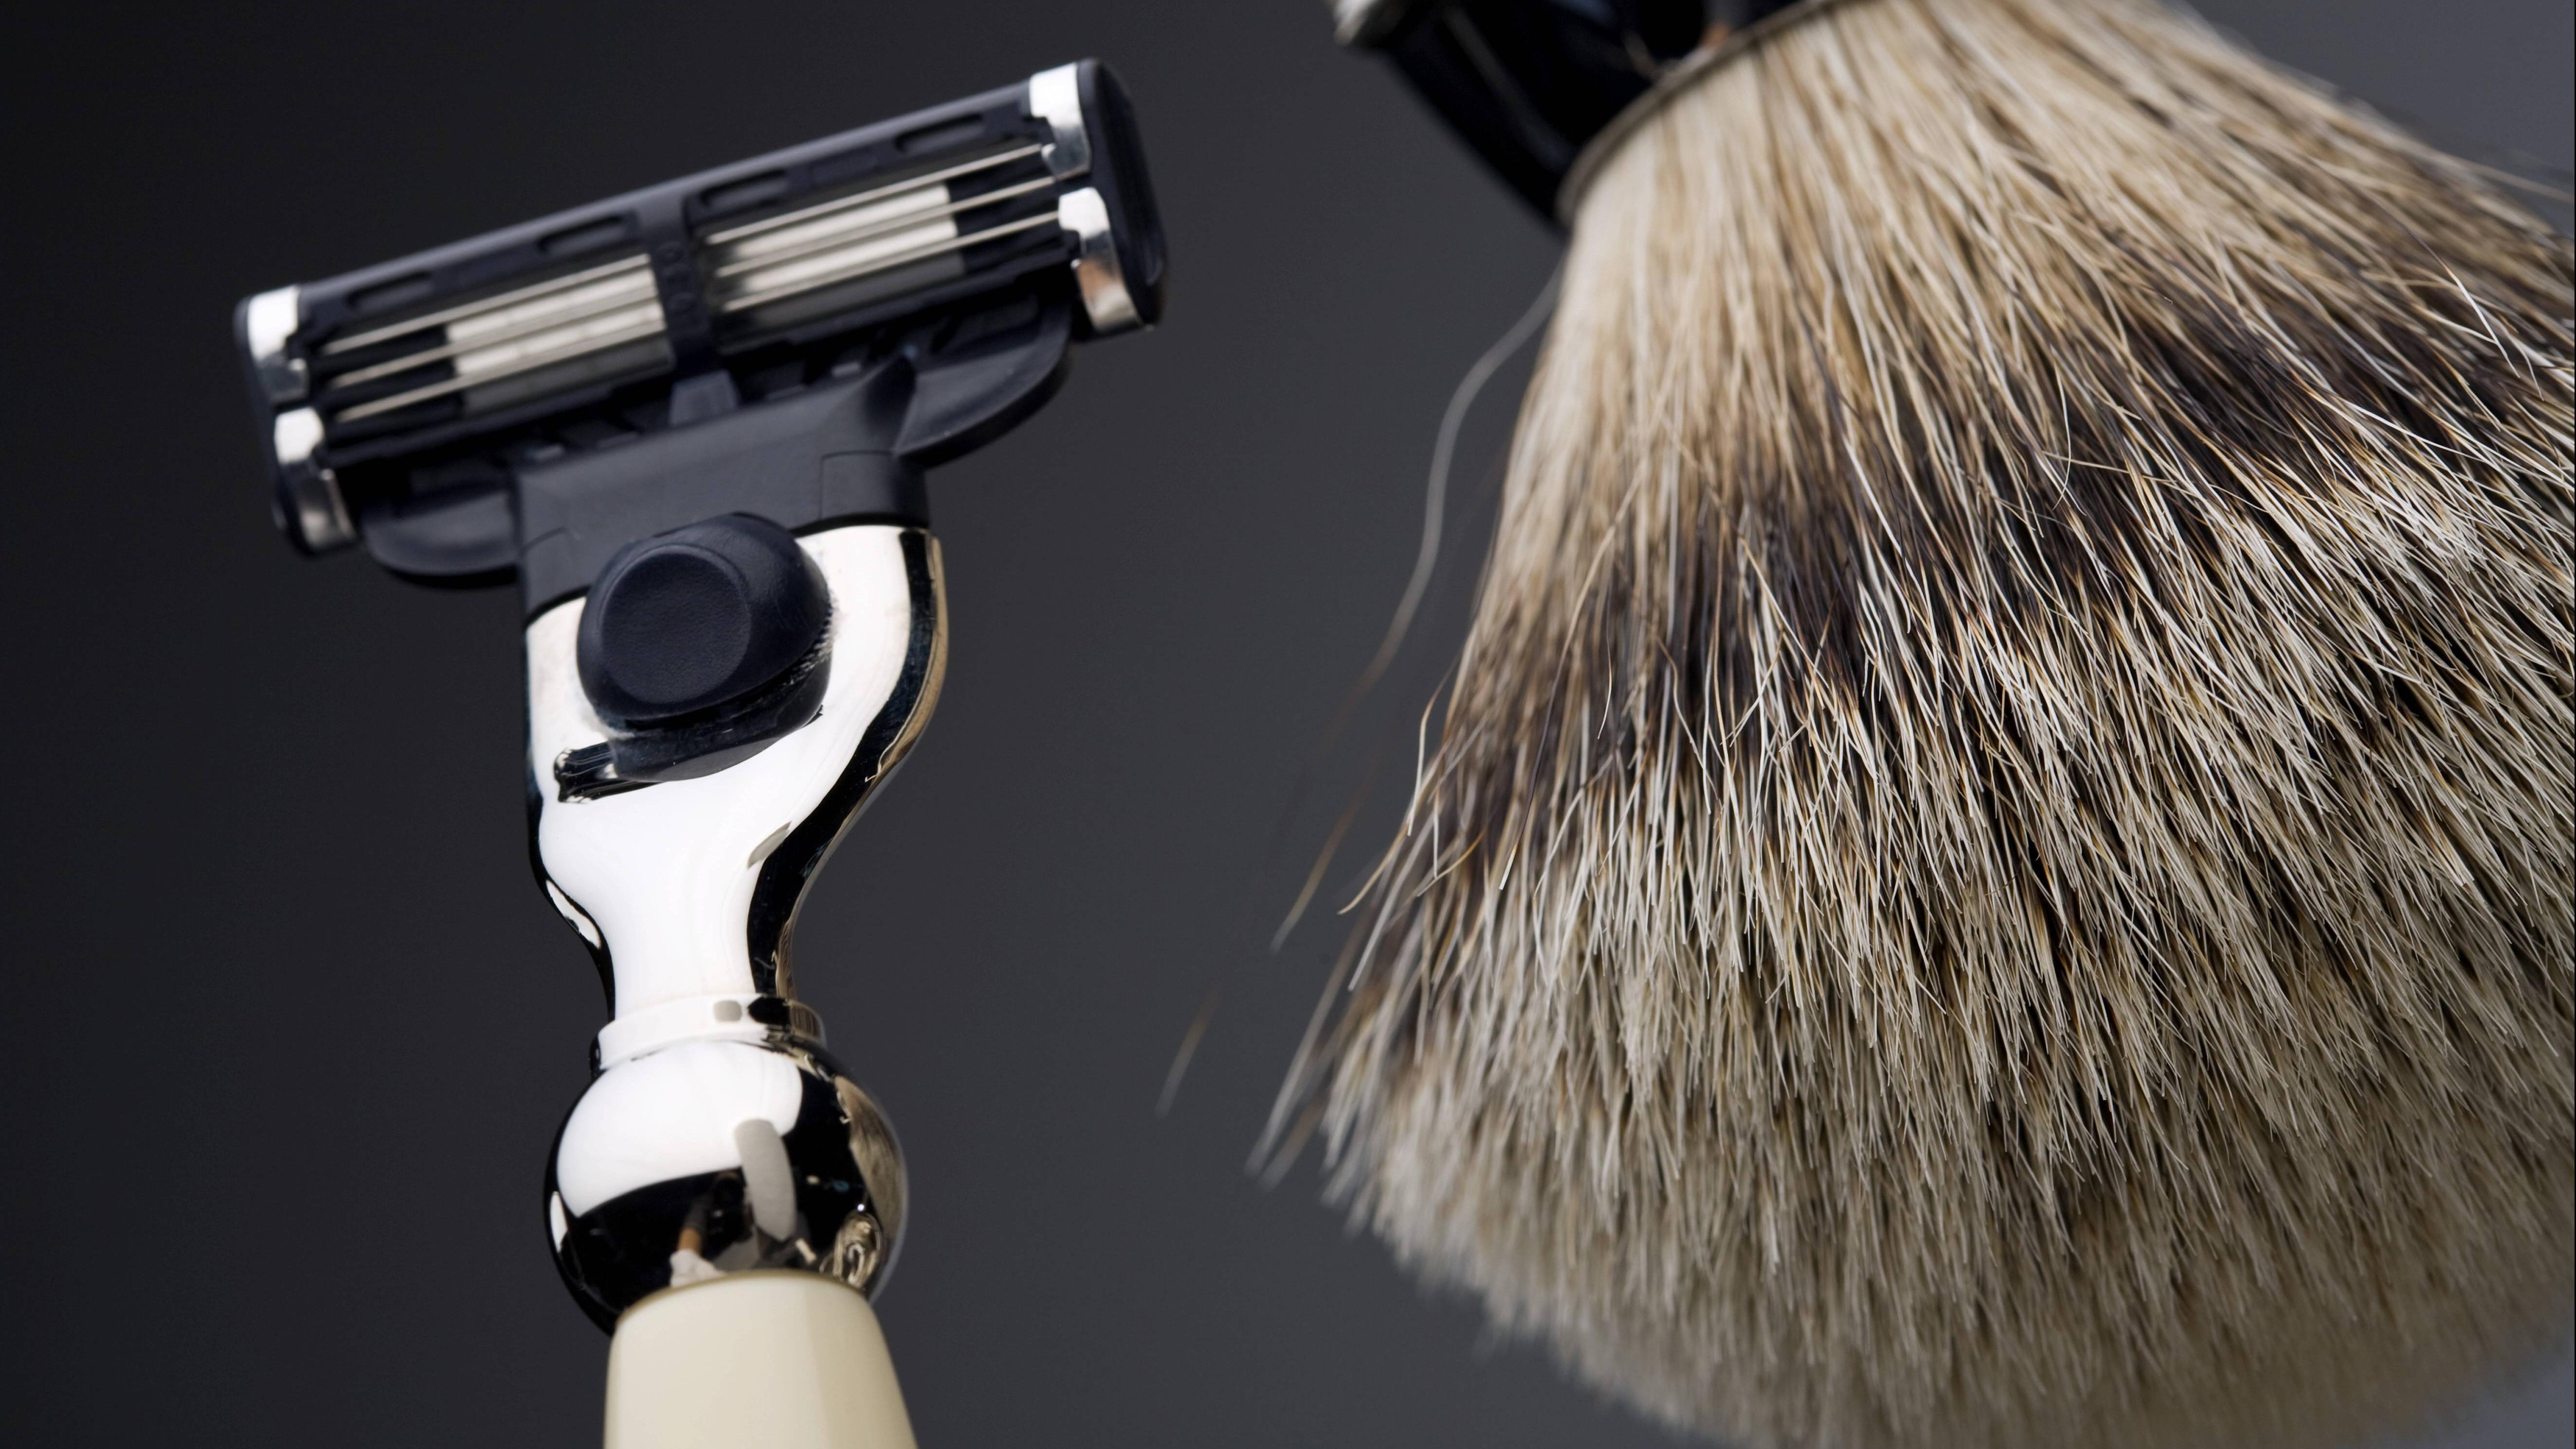 Rasierer kaufen und einsetzen: So wird's nachhaltig